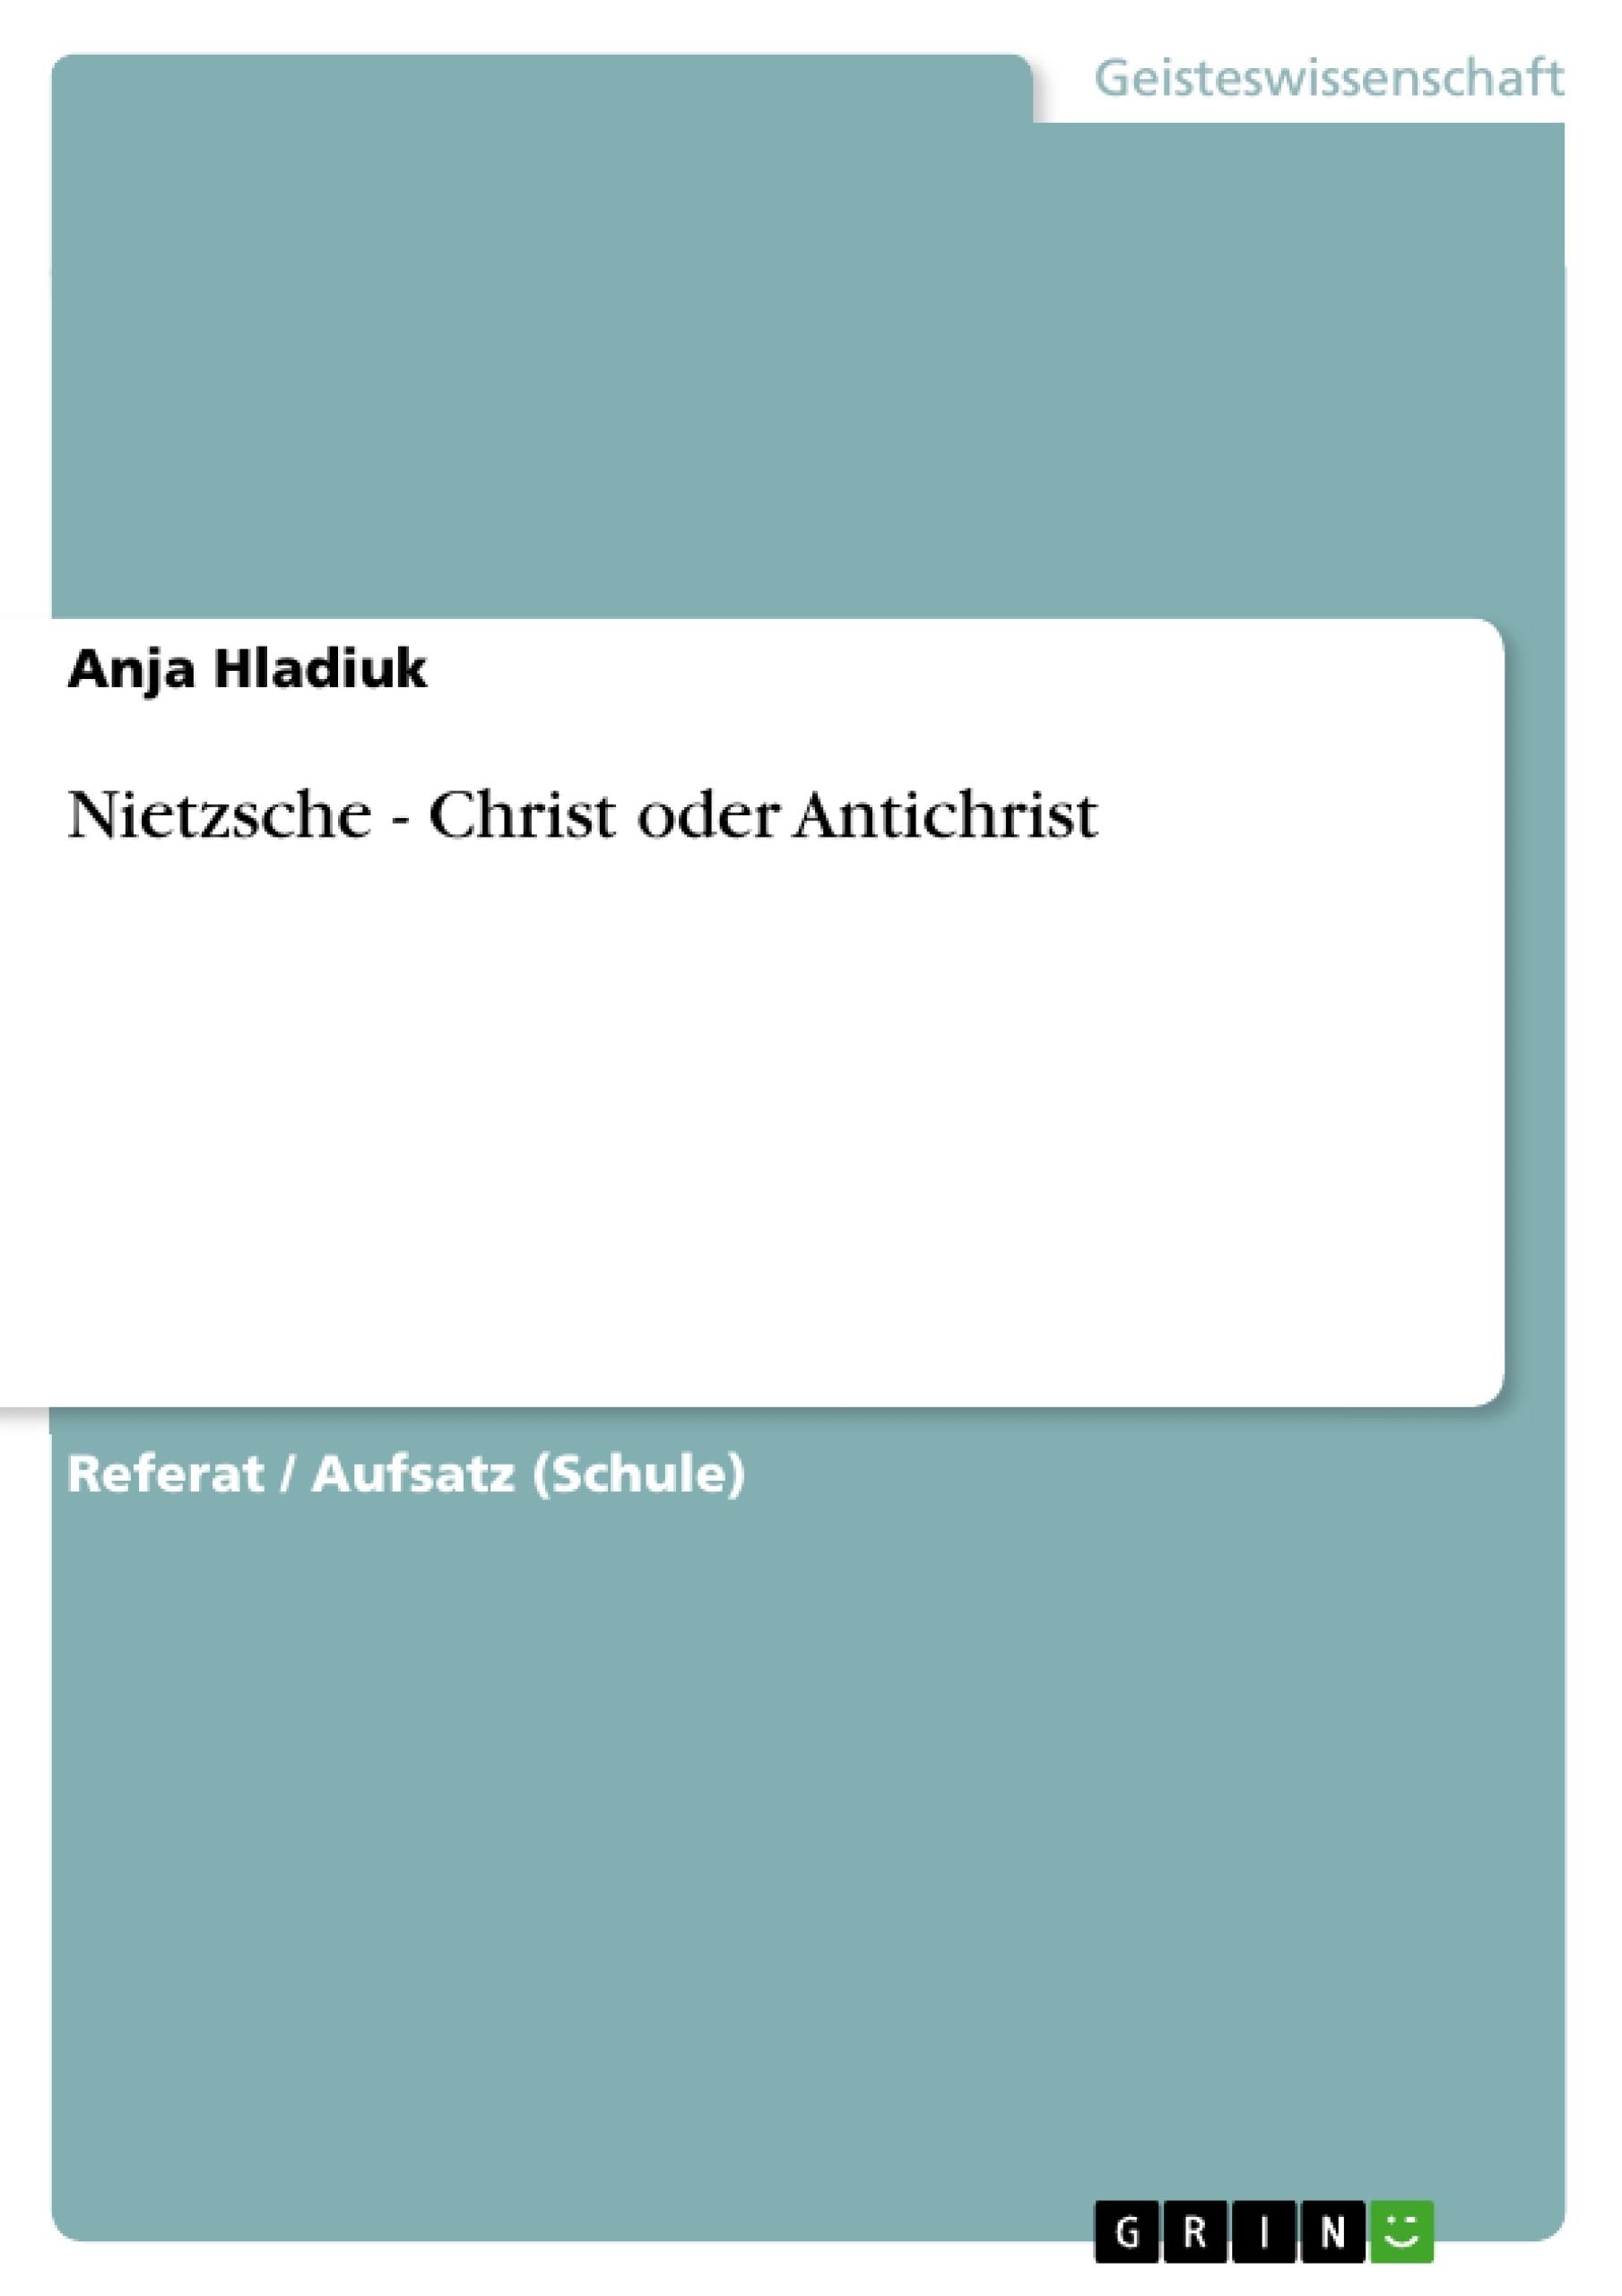 Titel: Nietzsche - Christ oder Antichrist